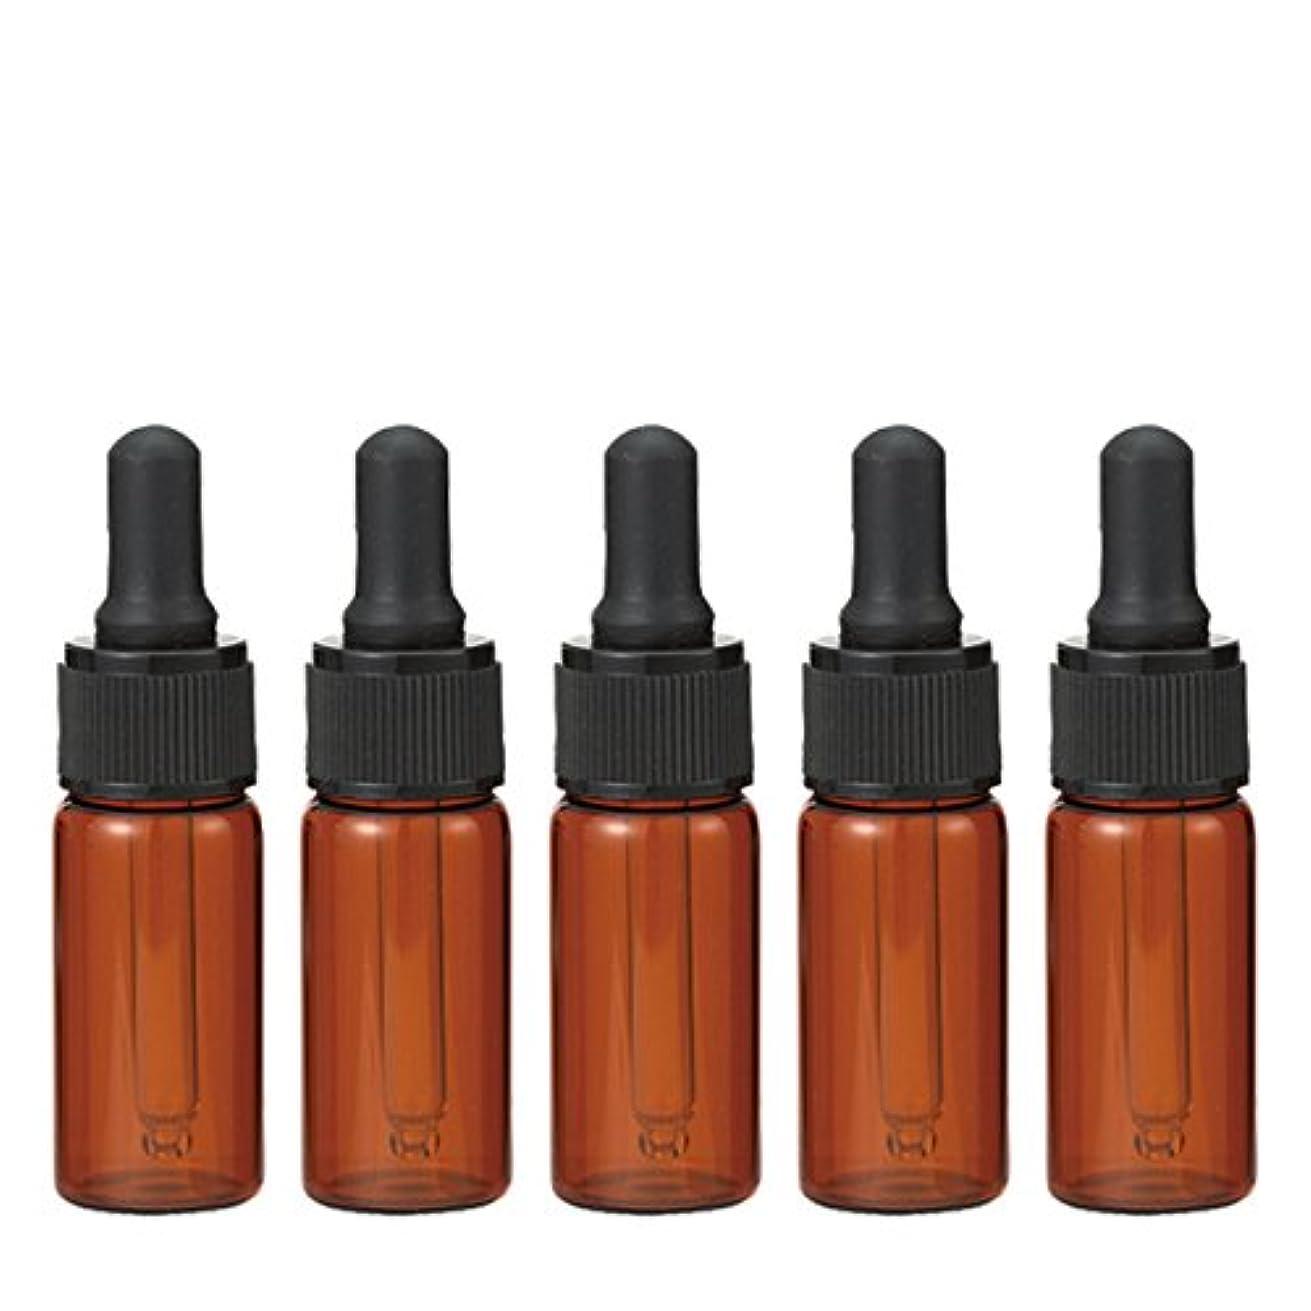 死すべき酸素お嬢生活の木 茶色遮光スポイト瓶 10ml (5本セット)